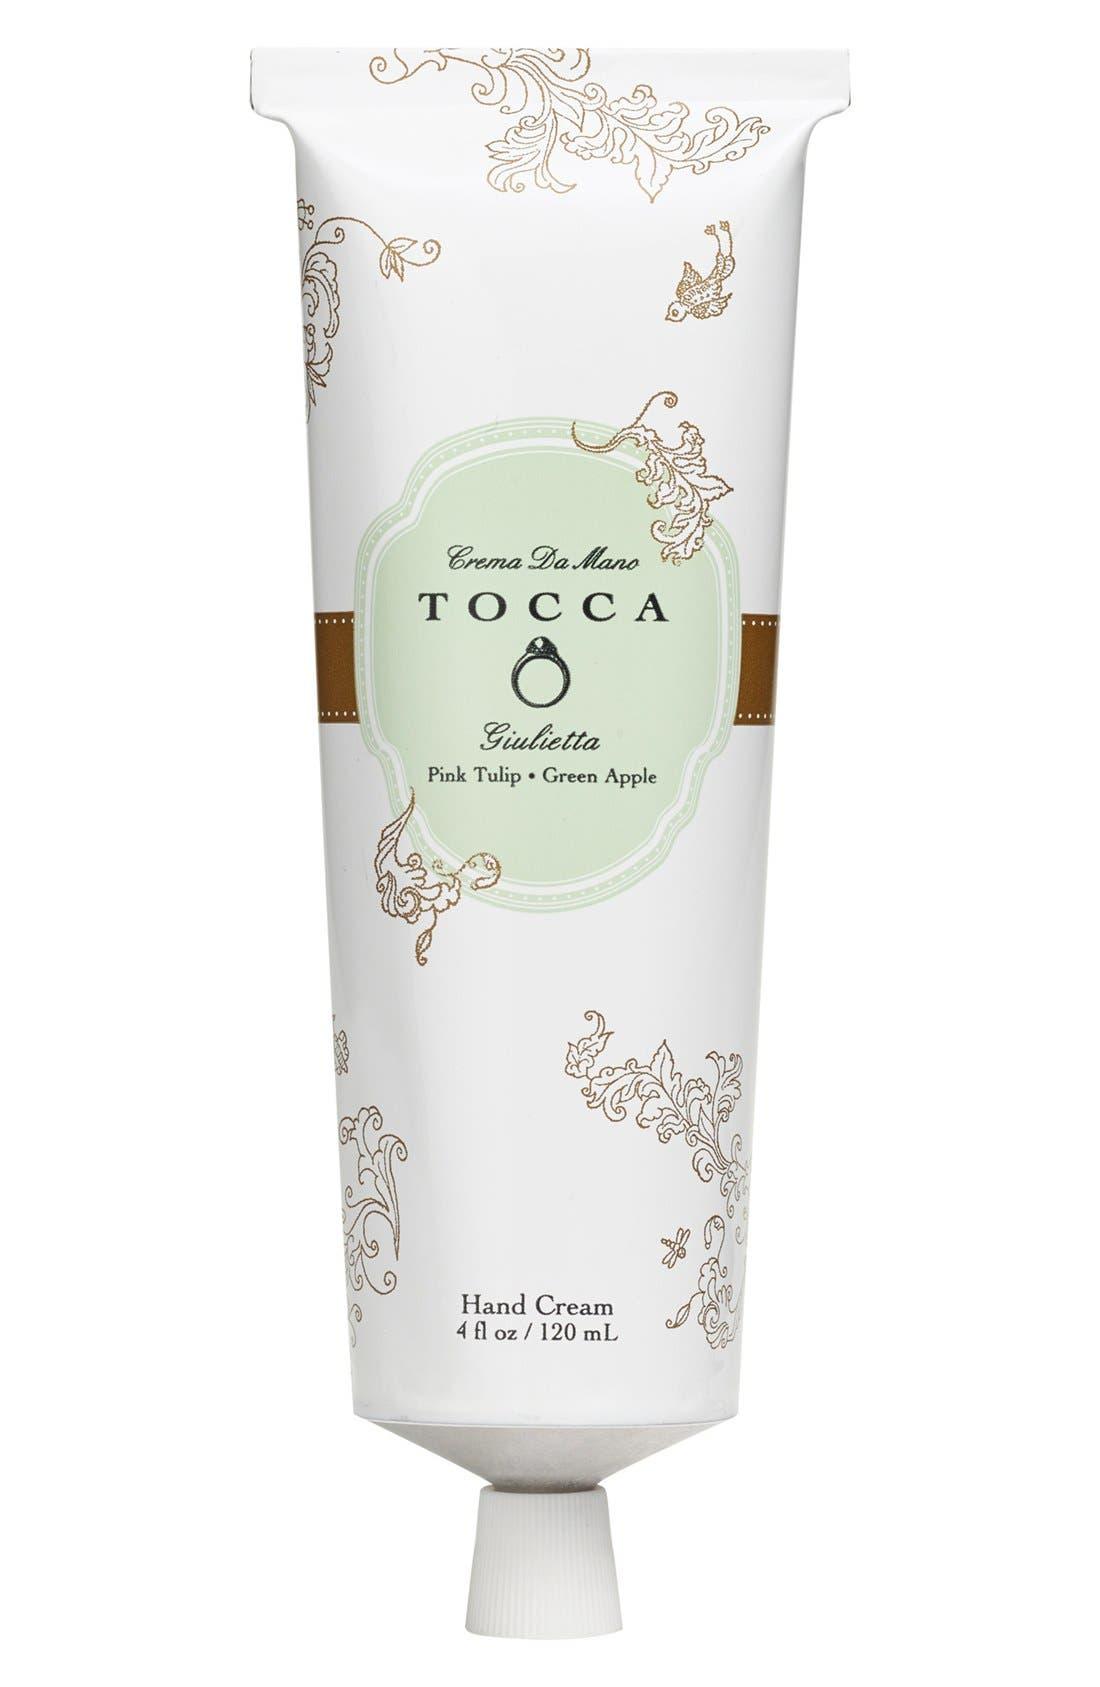 TOCCA 'Giulietta' Hand Cream